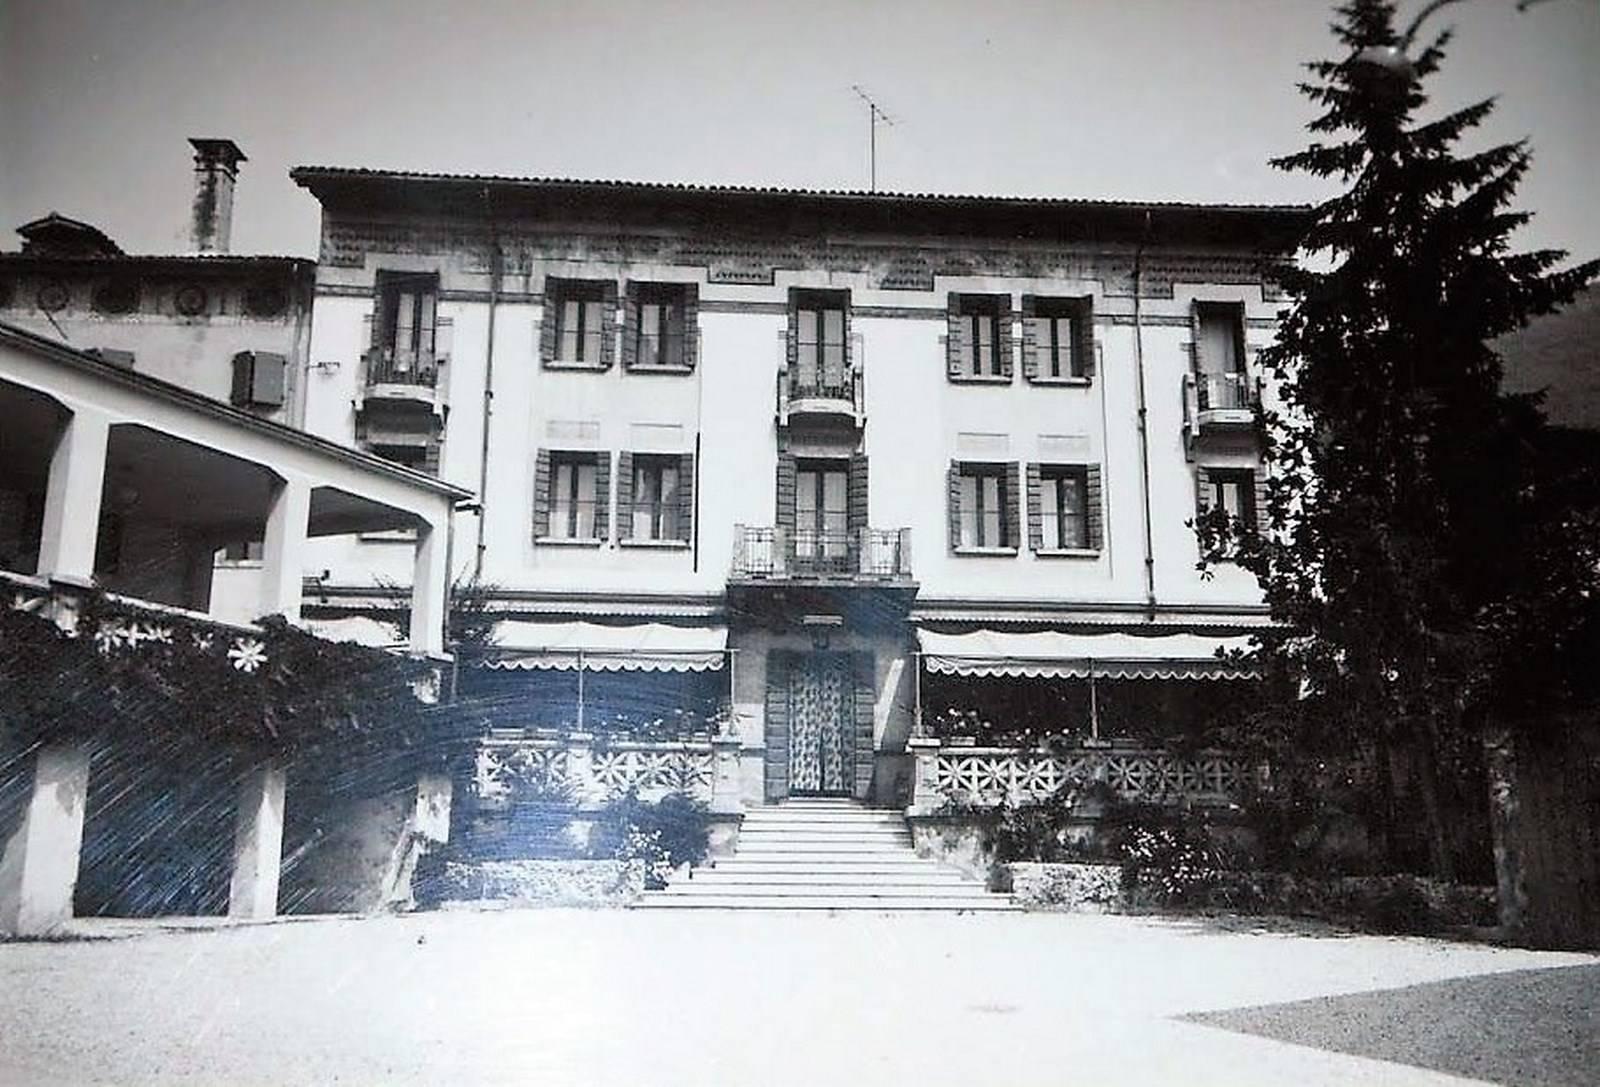 Albergo in vendita a Valdobbiadene, 9999 locali, prezzo € 800.000 | CambioCasa.it